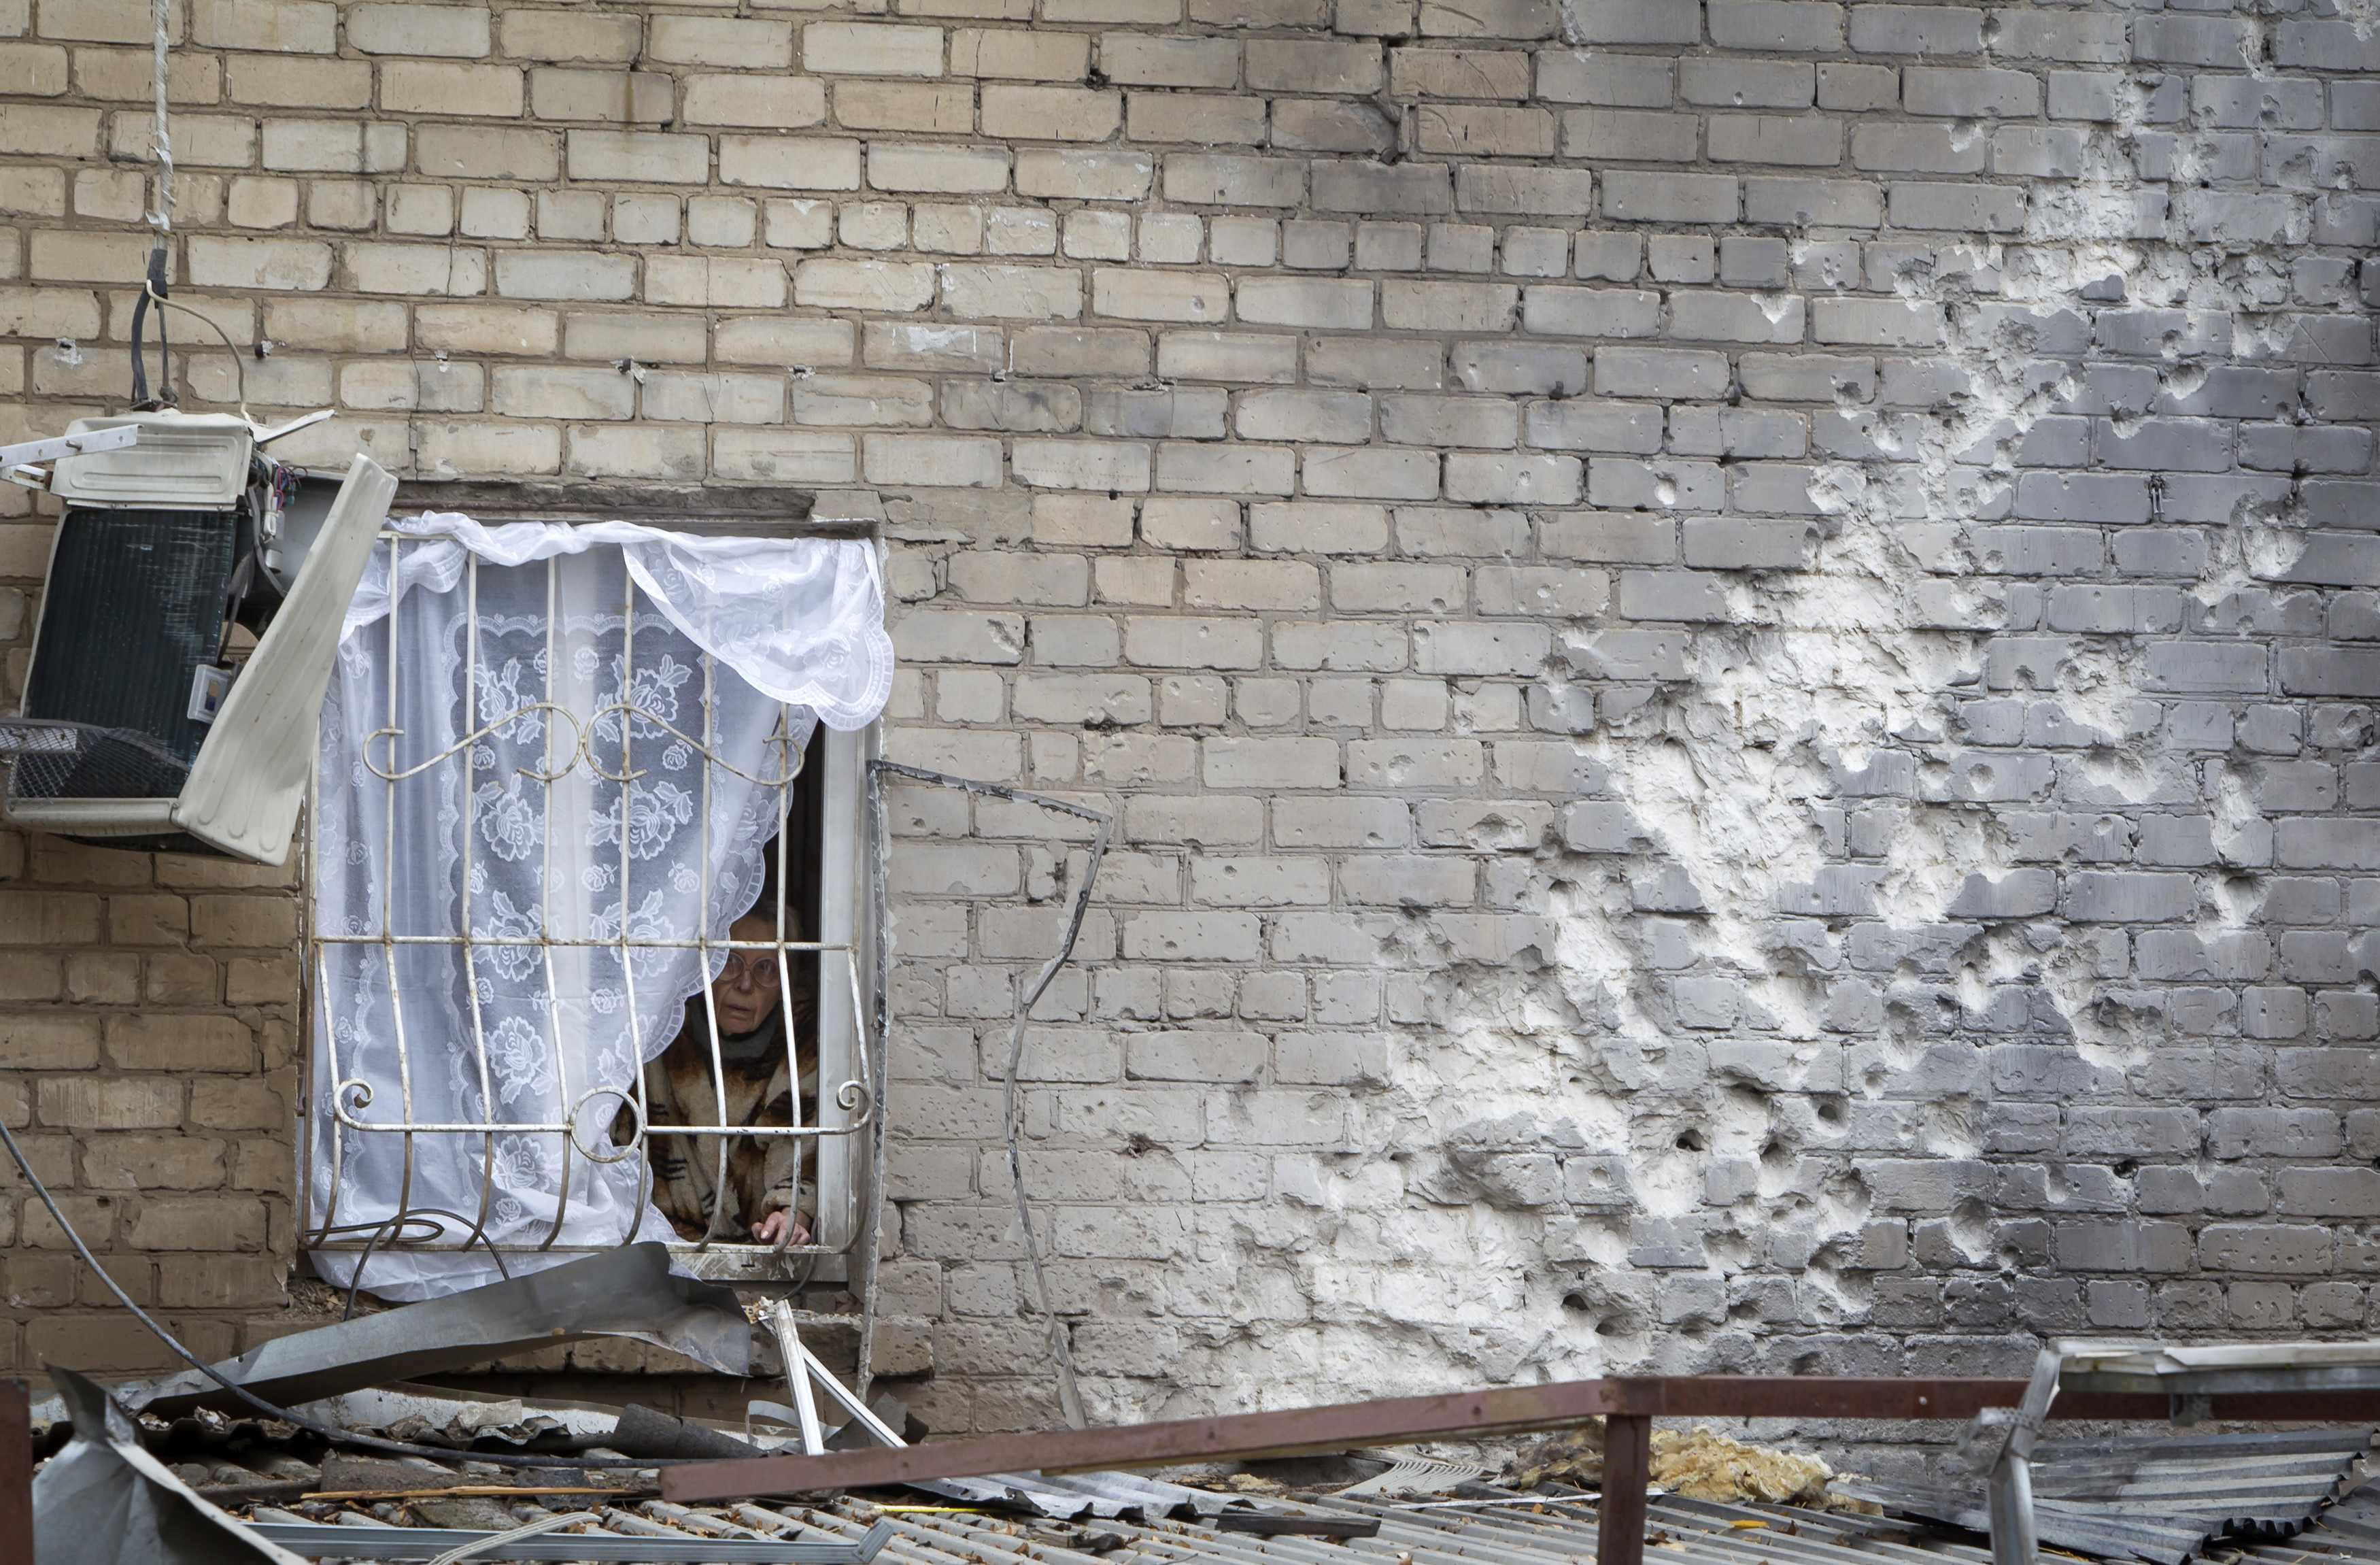 Результаты обстрела в Донецке. Иллюстрация